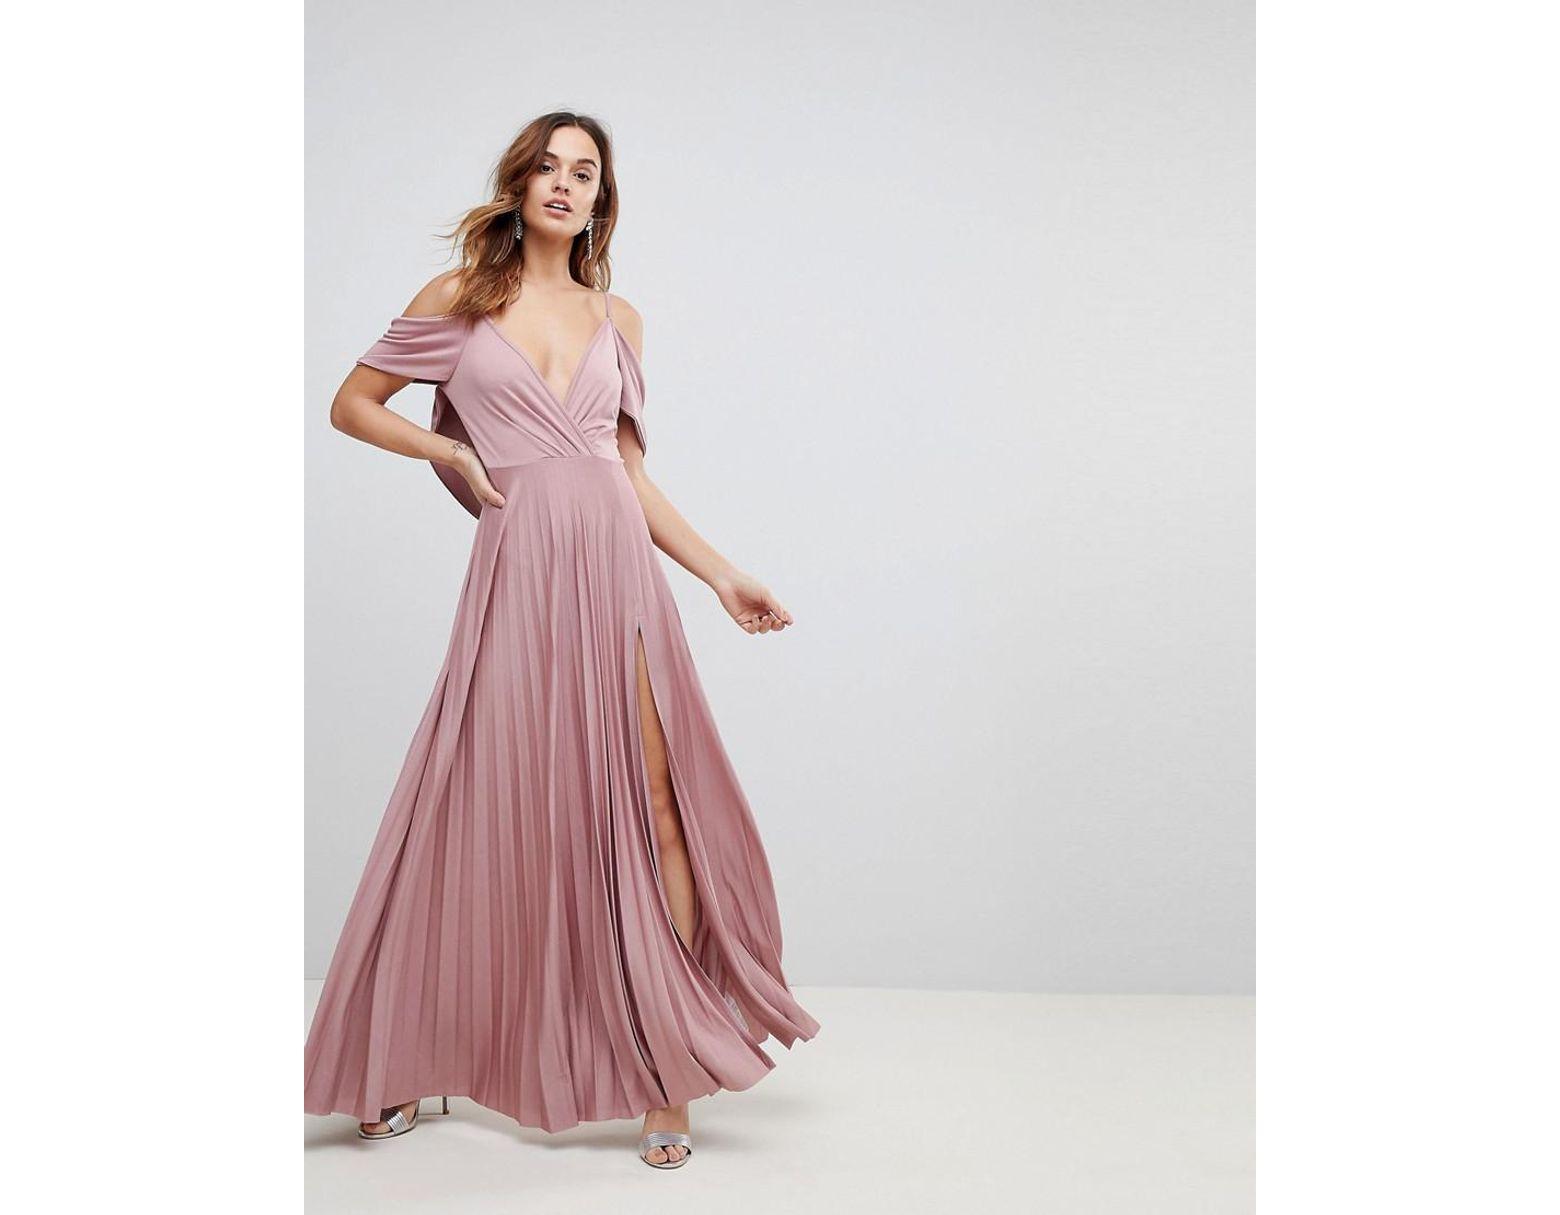 De Rose Robe Femme Nues Longue Épaules Bénitier À Dos Et Plissée Coloris vOymP0wN8n